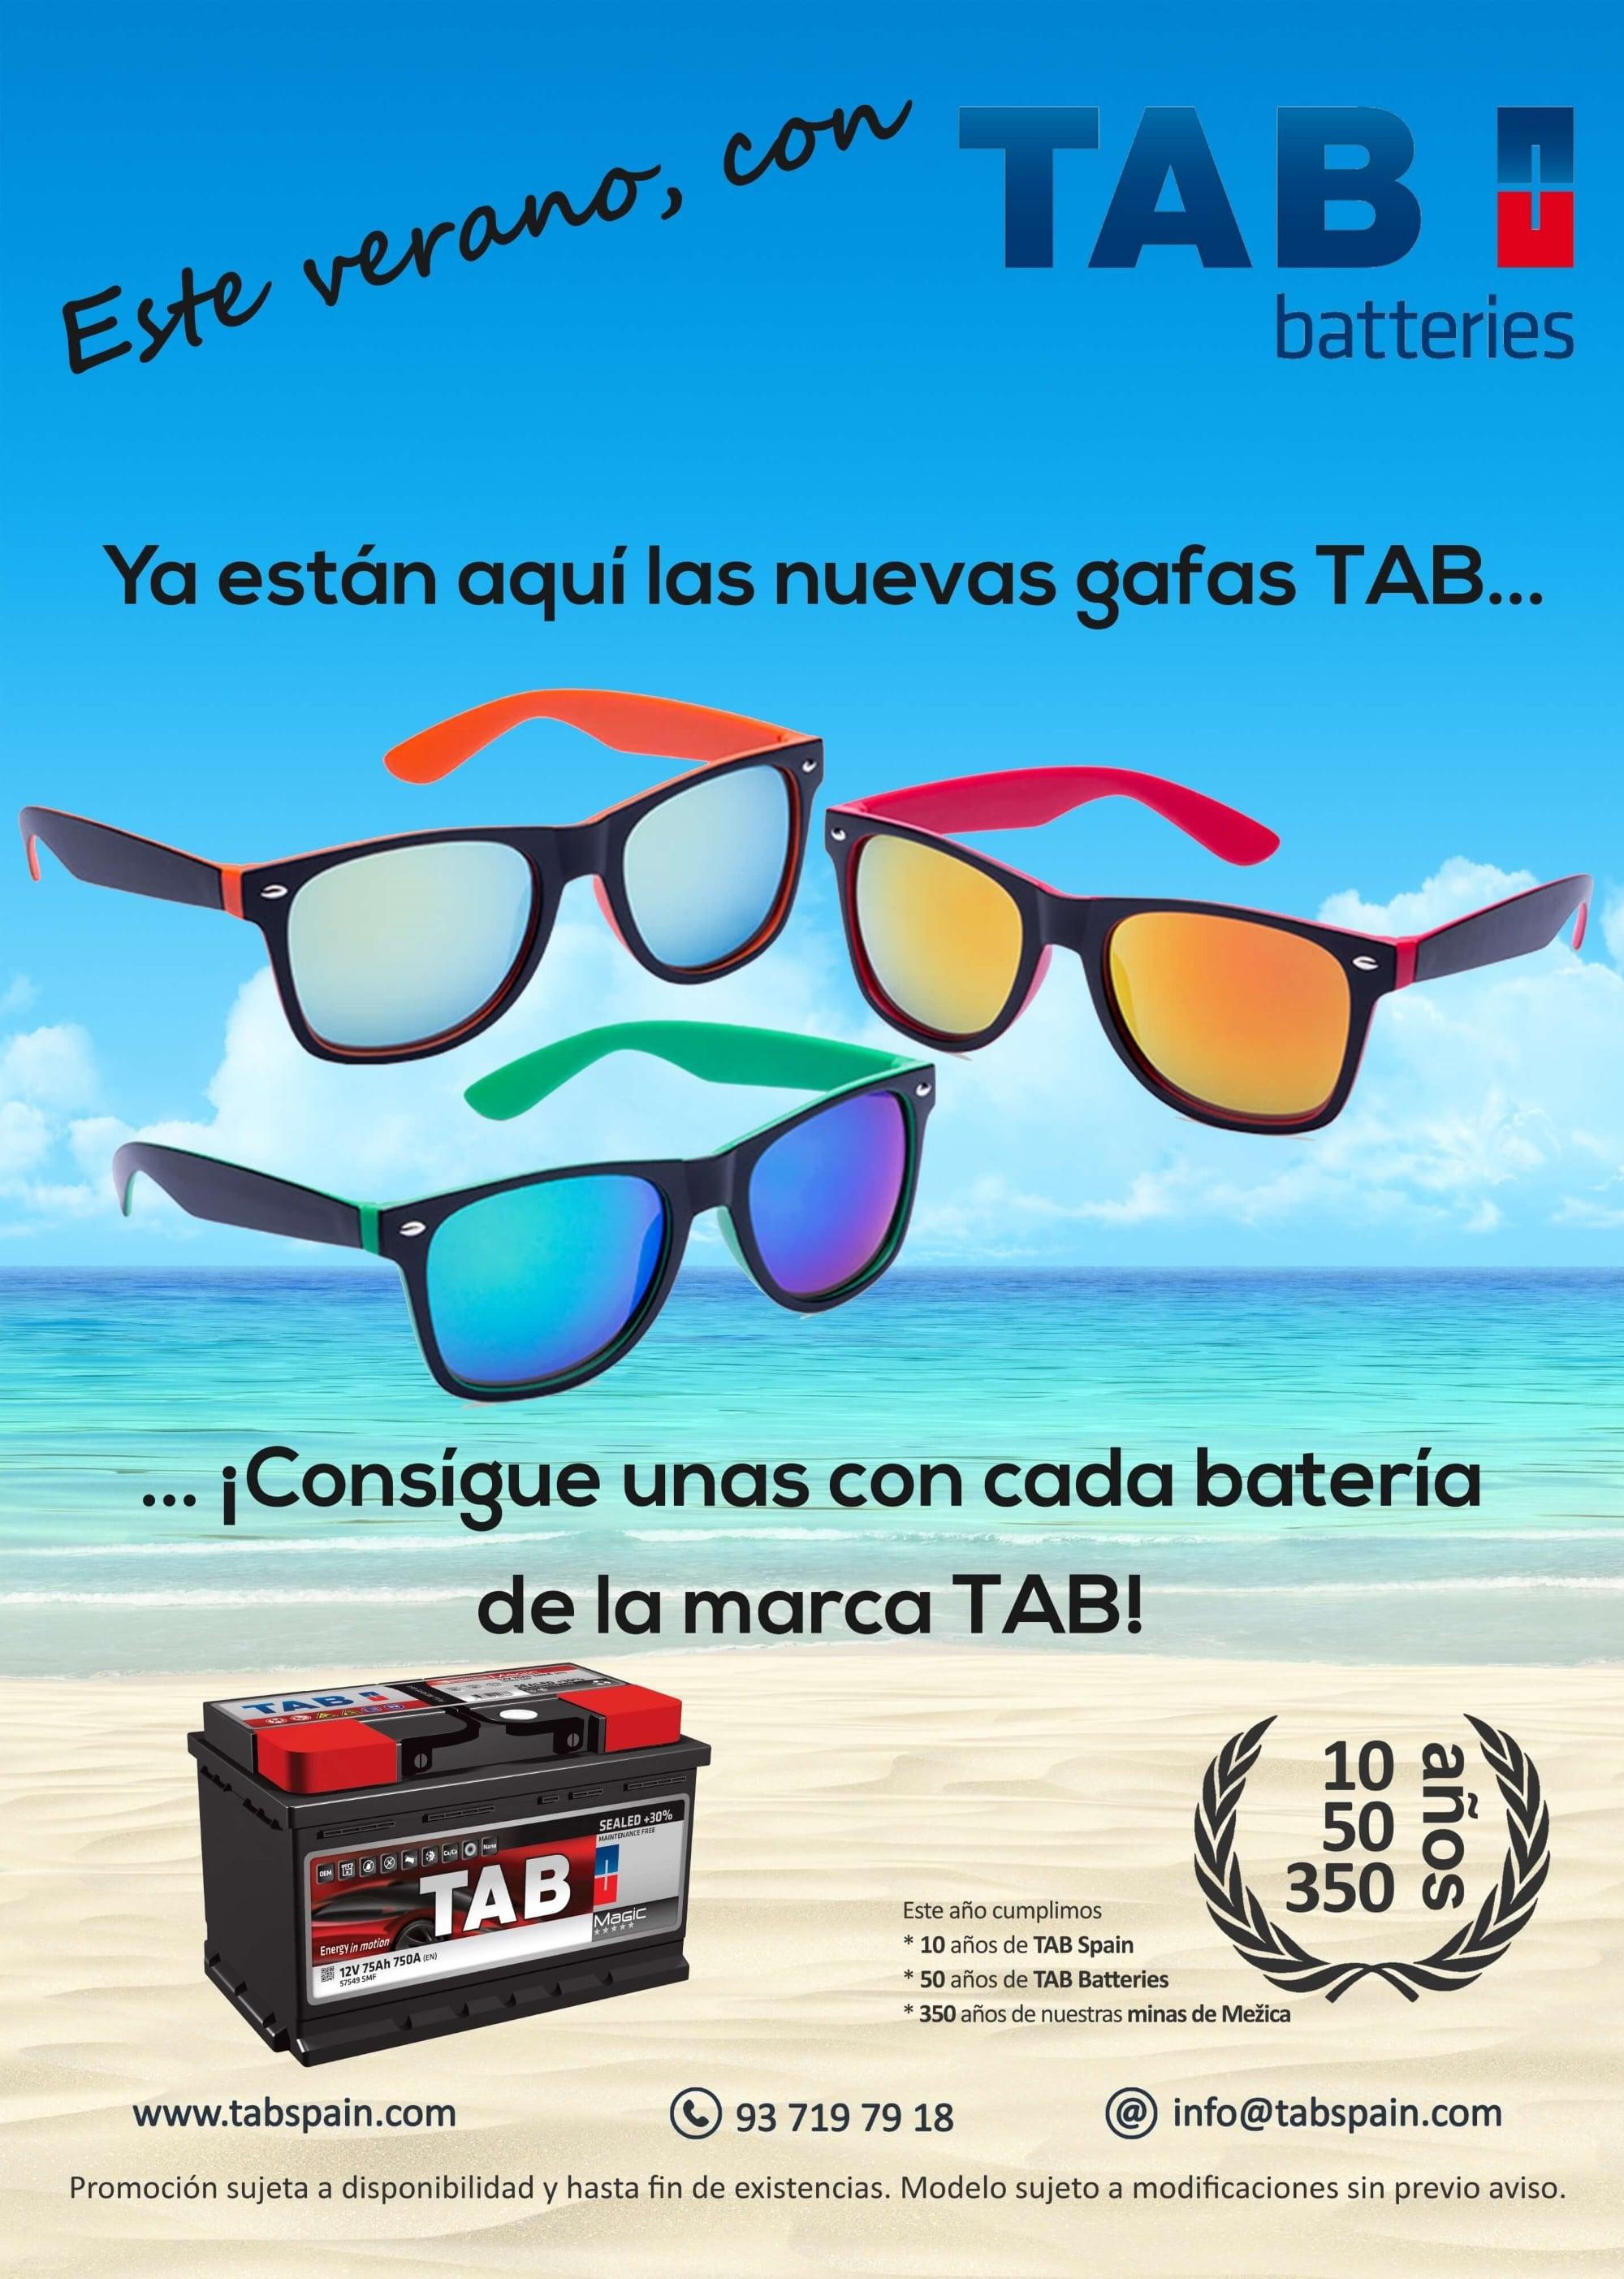 c92e524078 TAB Spain obsequia a sus clientes con unas gafas de sol por la ...